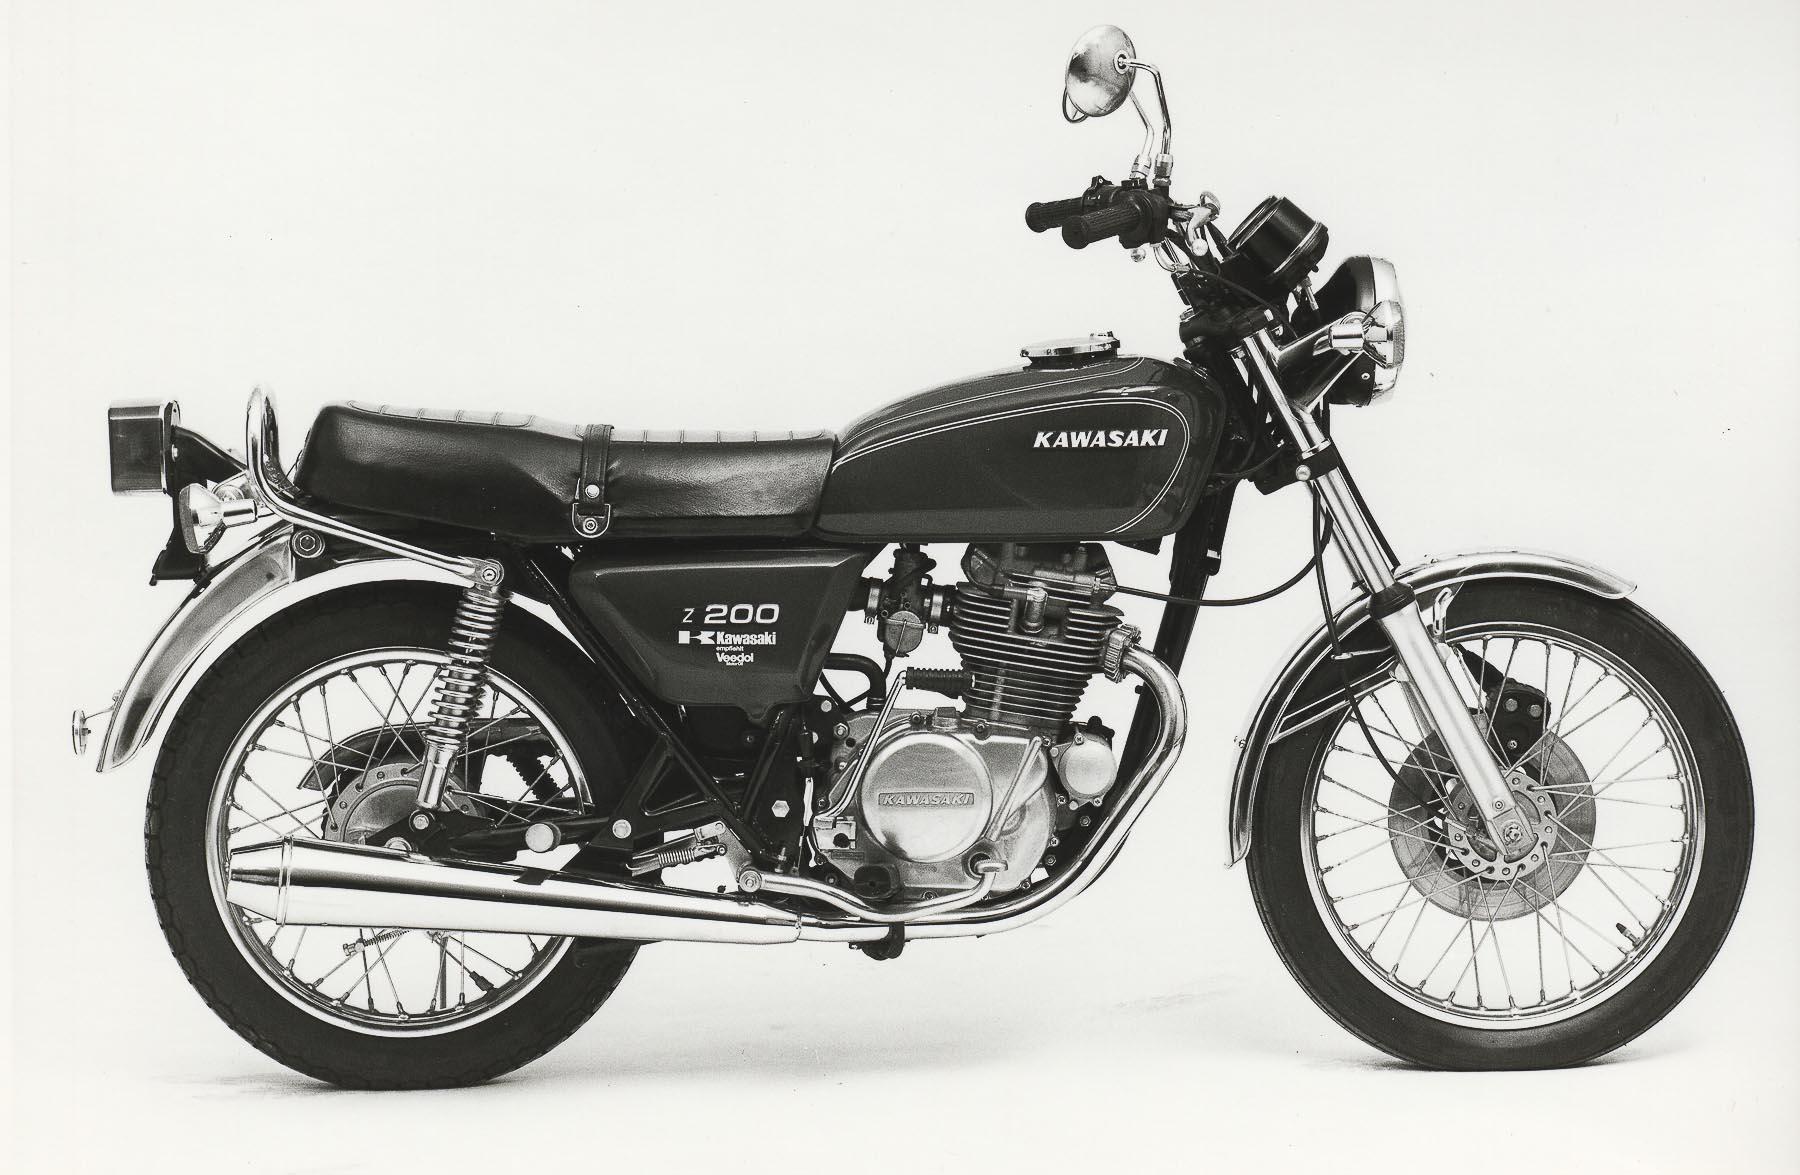 KAWASAKI Z 200 (1976-1979)